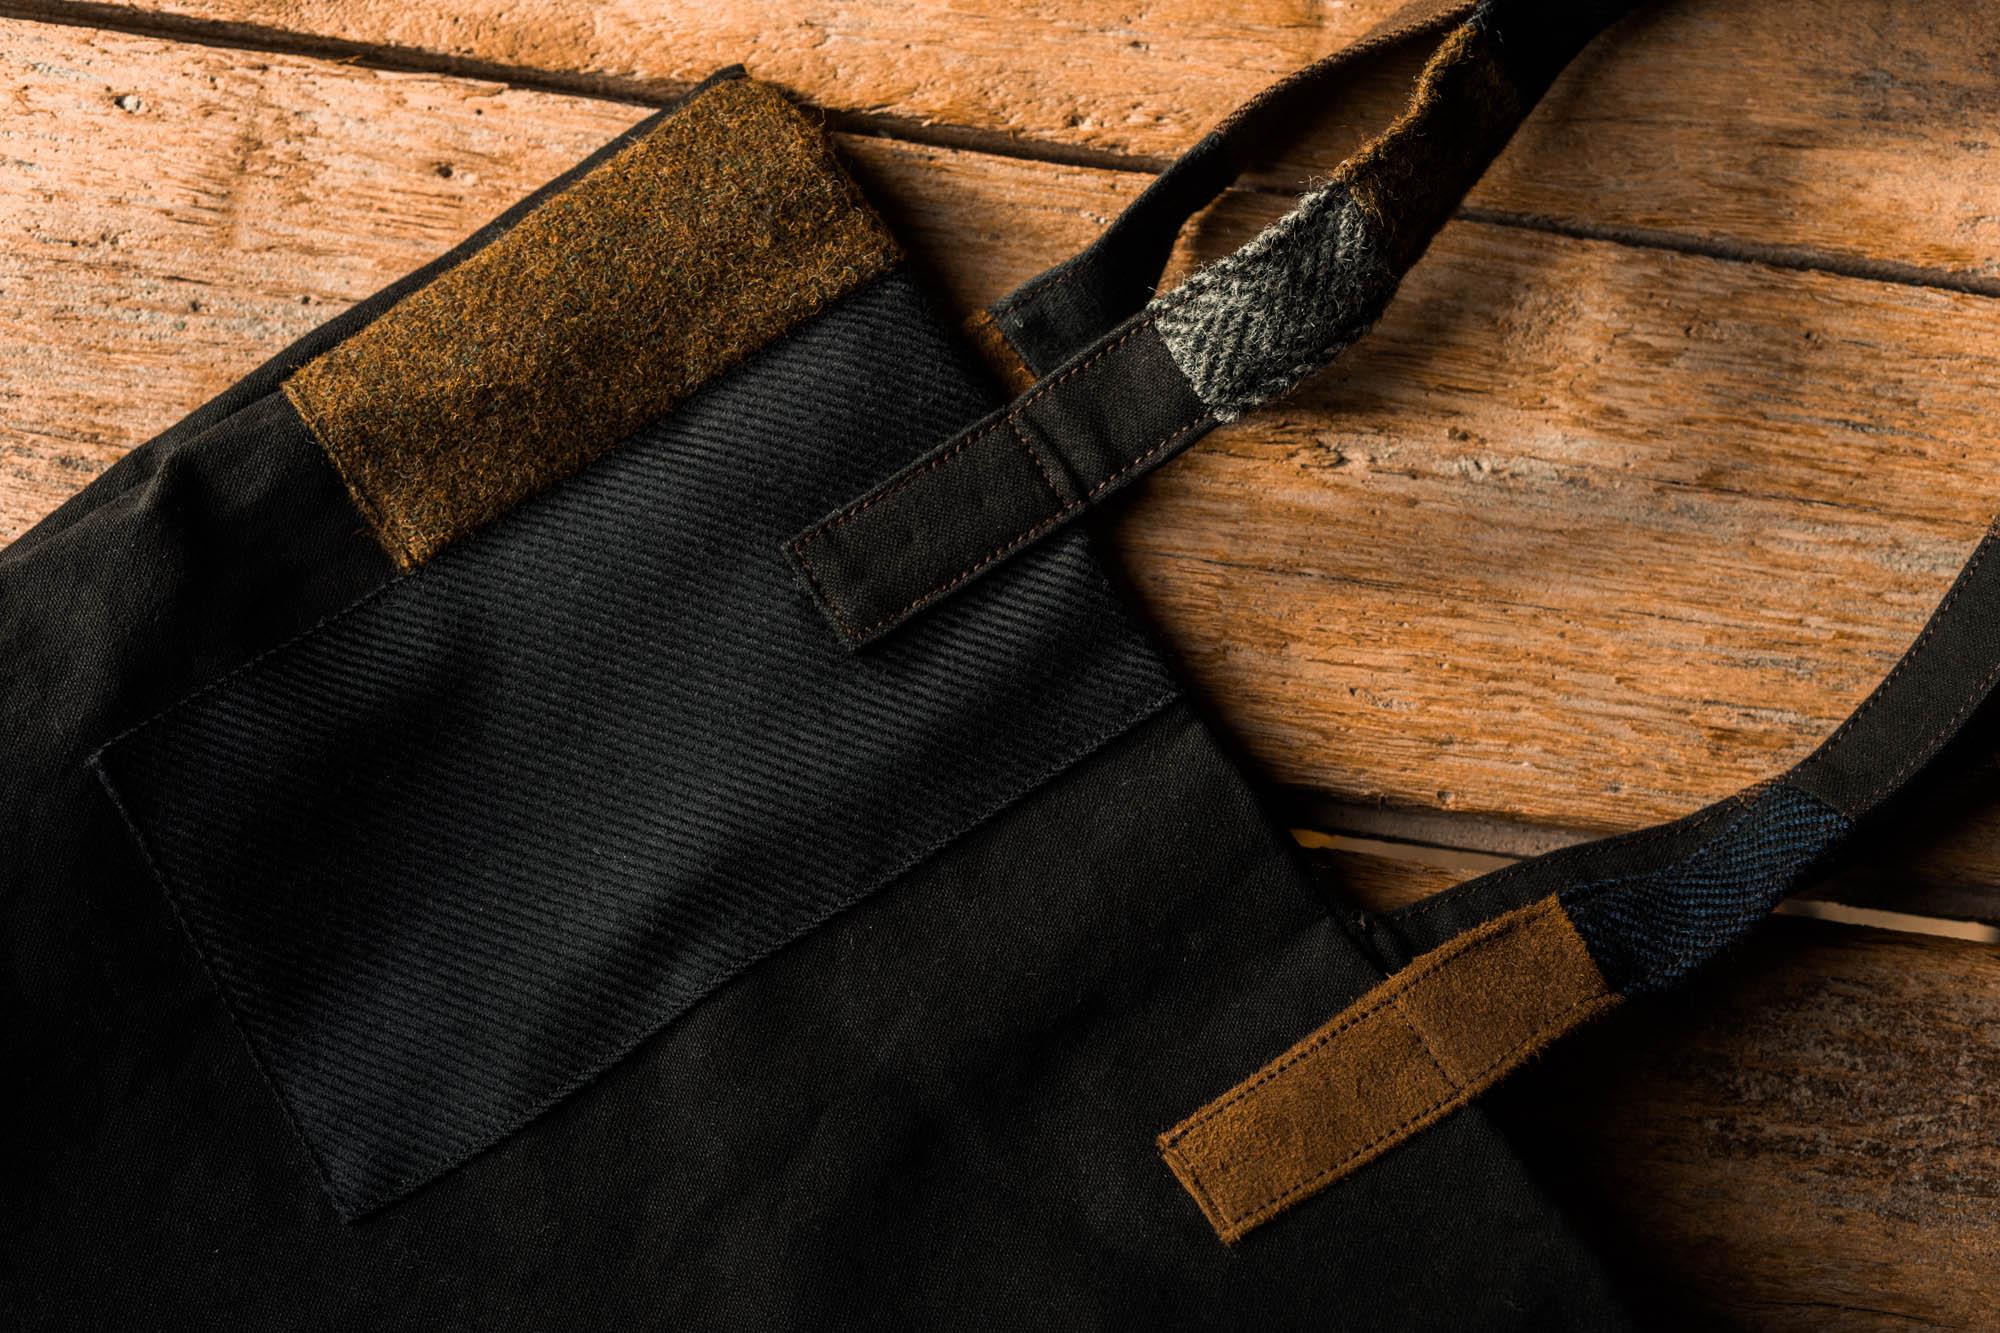 パッチワークの可能性を。SLOW&STEADYがお届けするバッグのカタチ〈SLOW&STEADY × Carres 第2弾〉